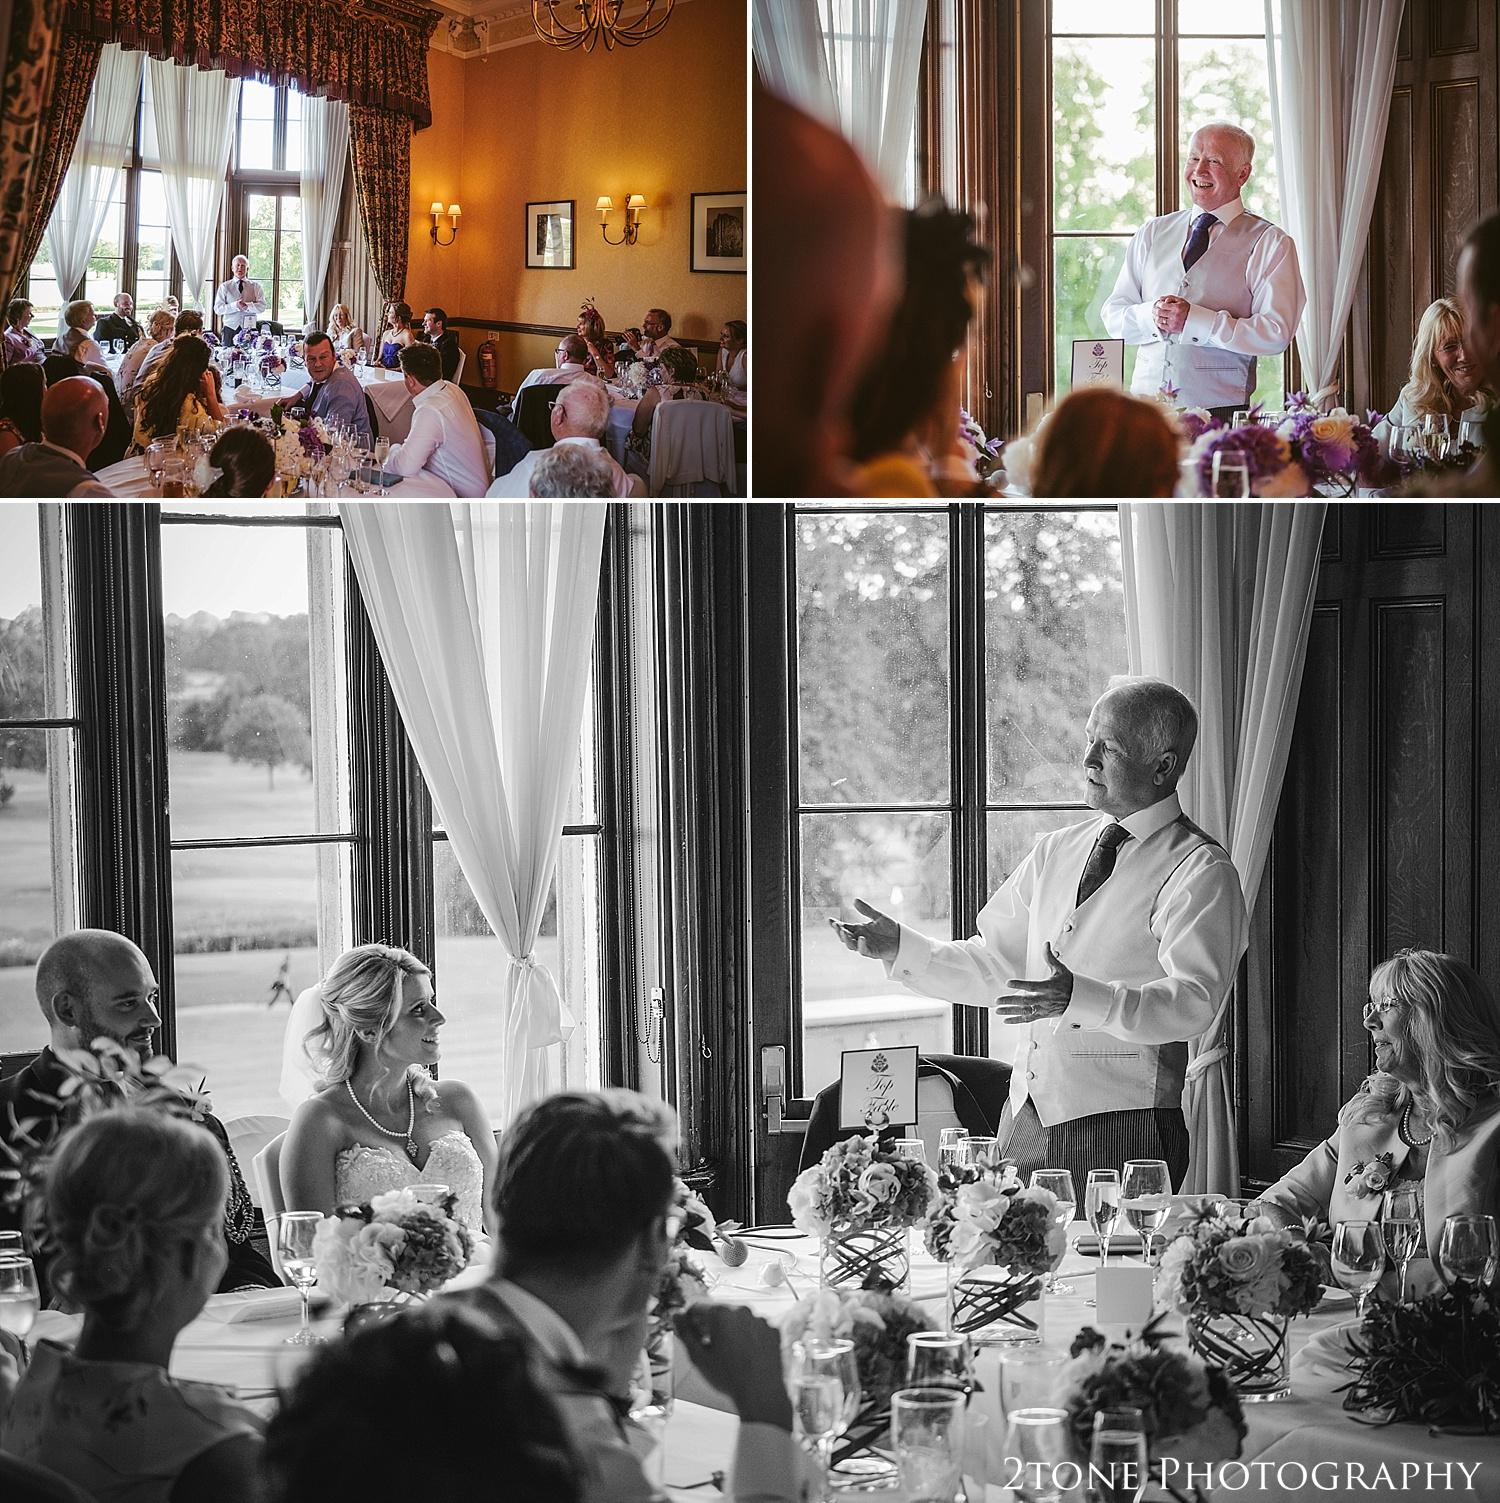 Wedding speeches.  Wedding photography at Matfen Hall by wedding photographer www.2tonephotography.co.uk